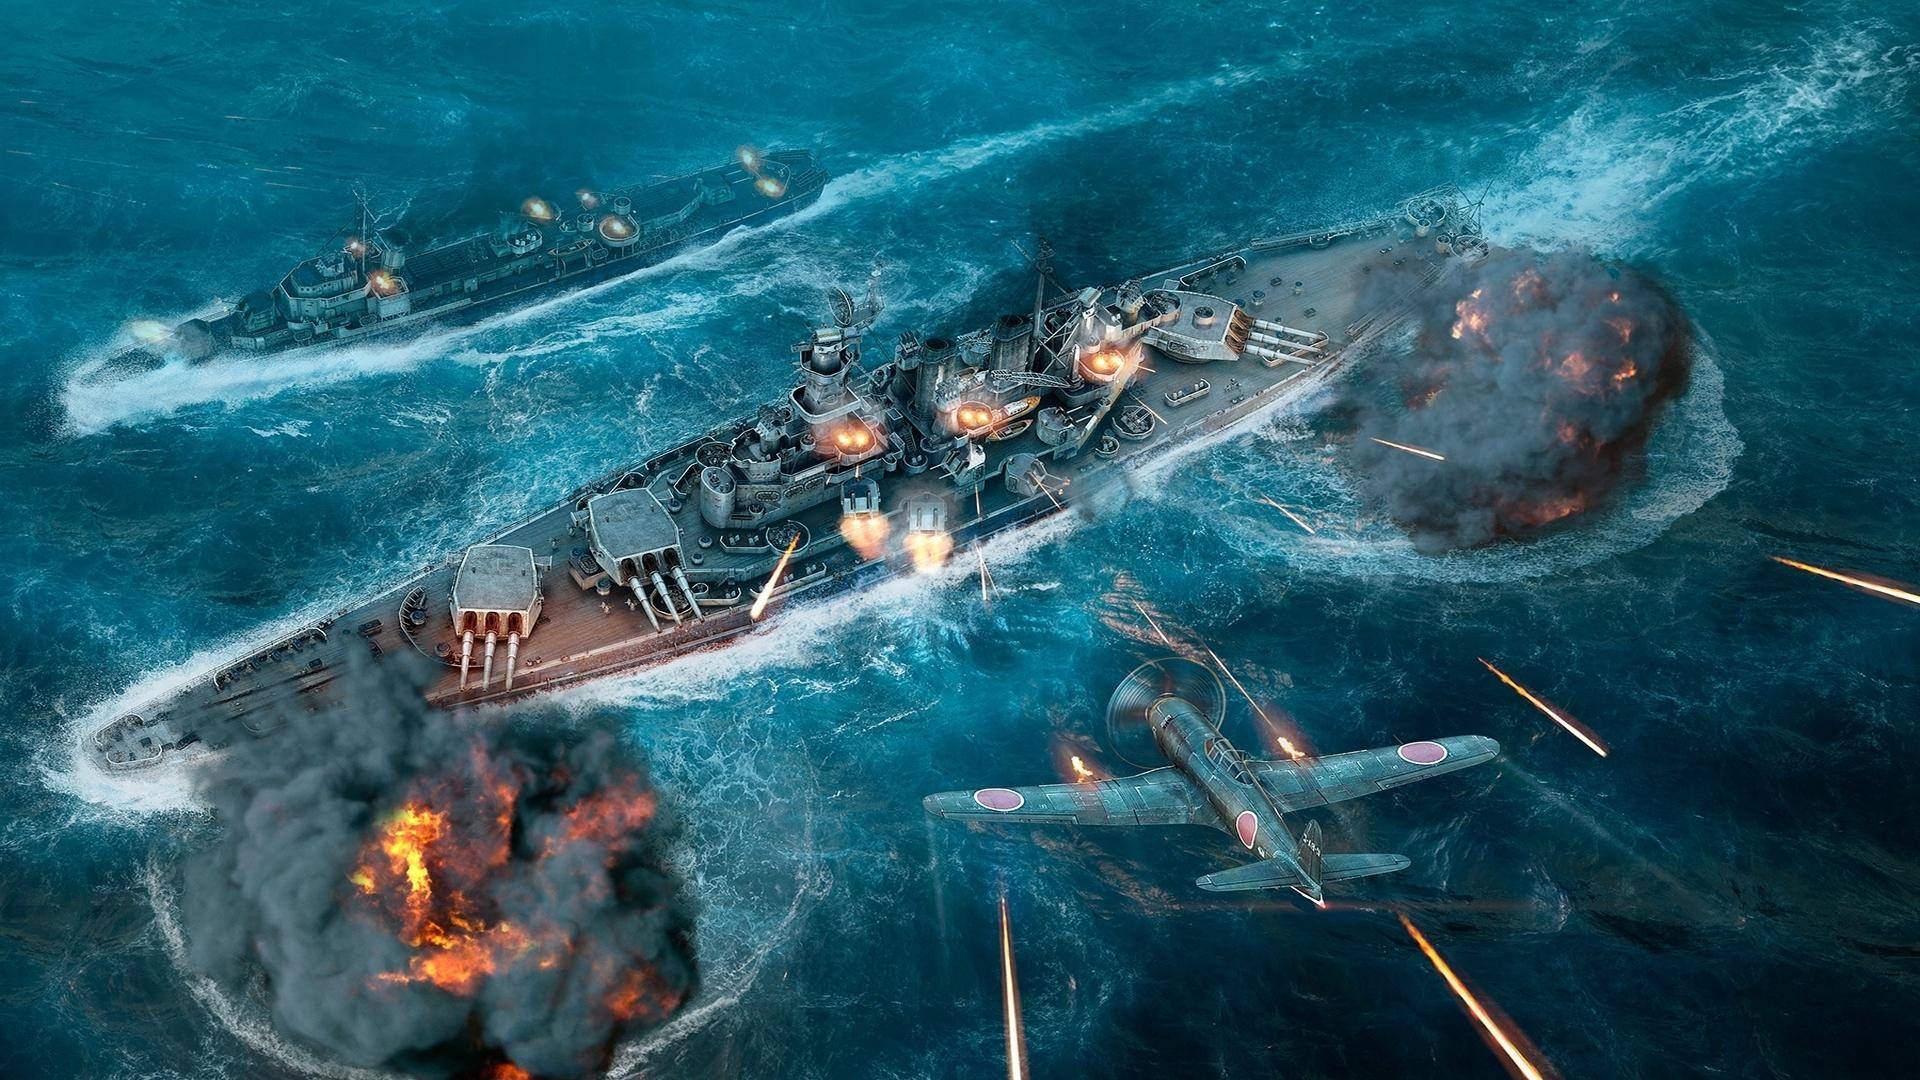 обои для рабочего стола world of warships 1280x1024 № 248340 бесплатно